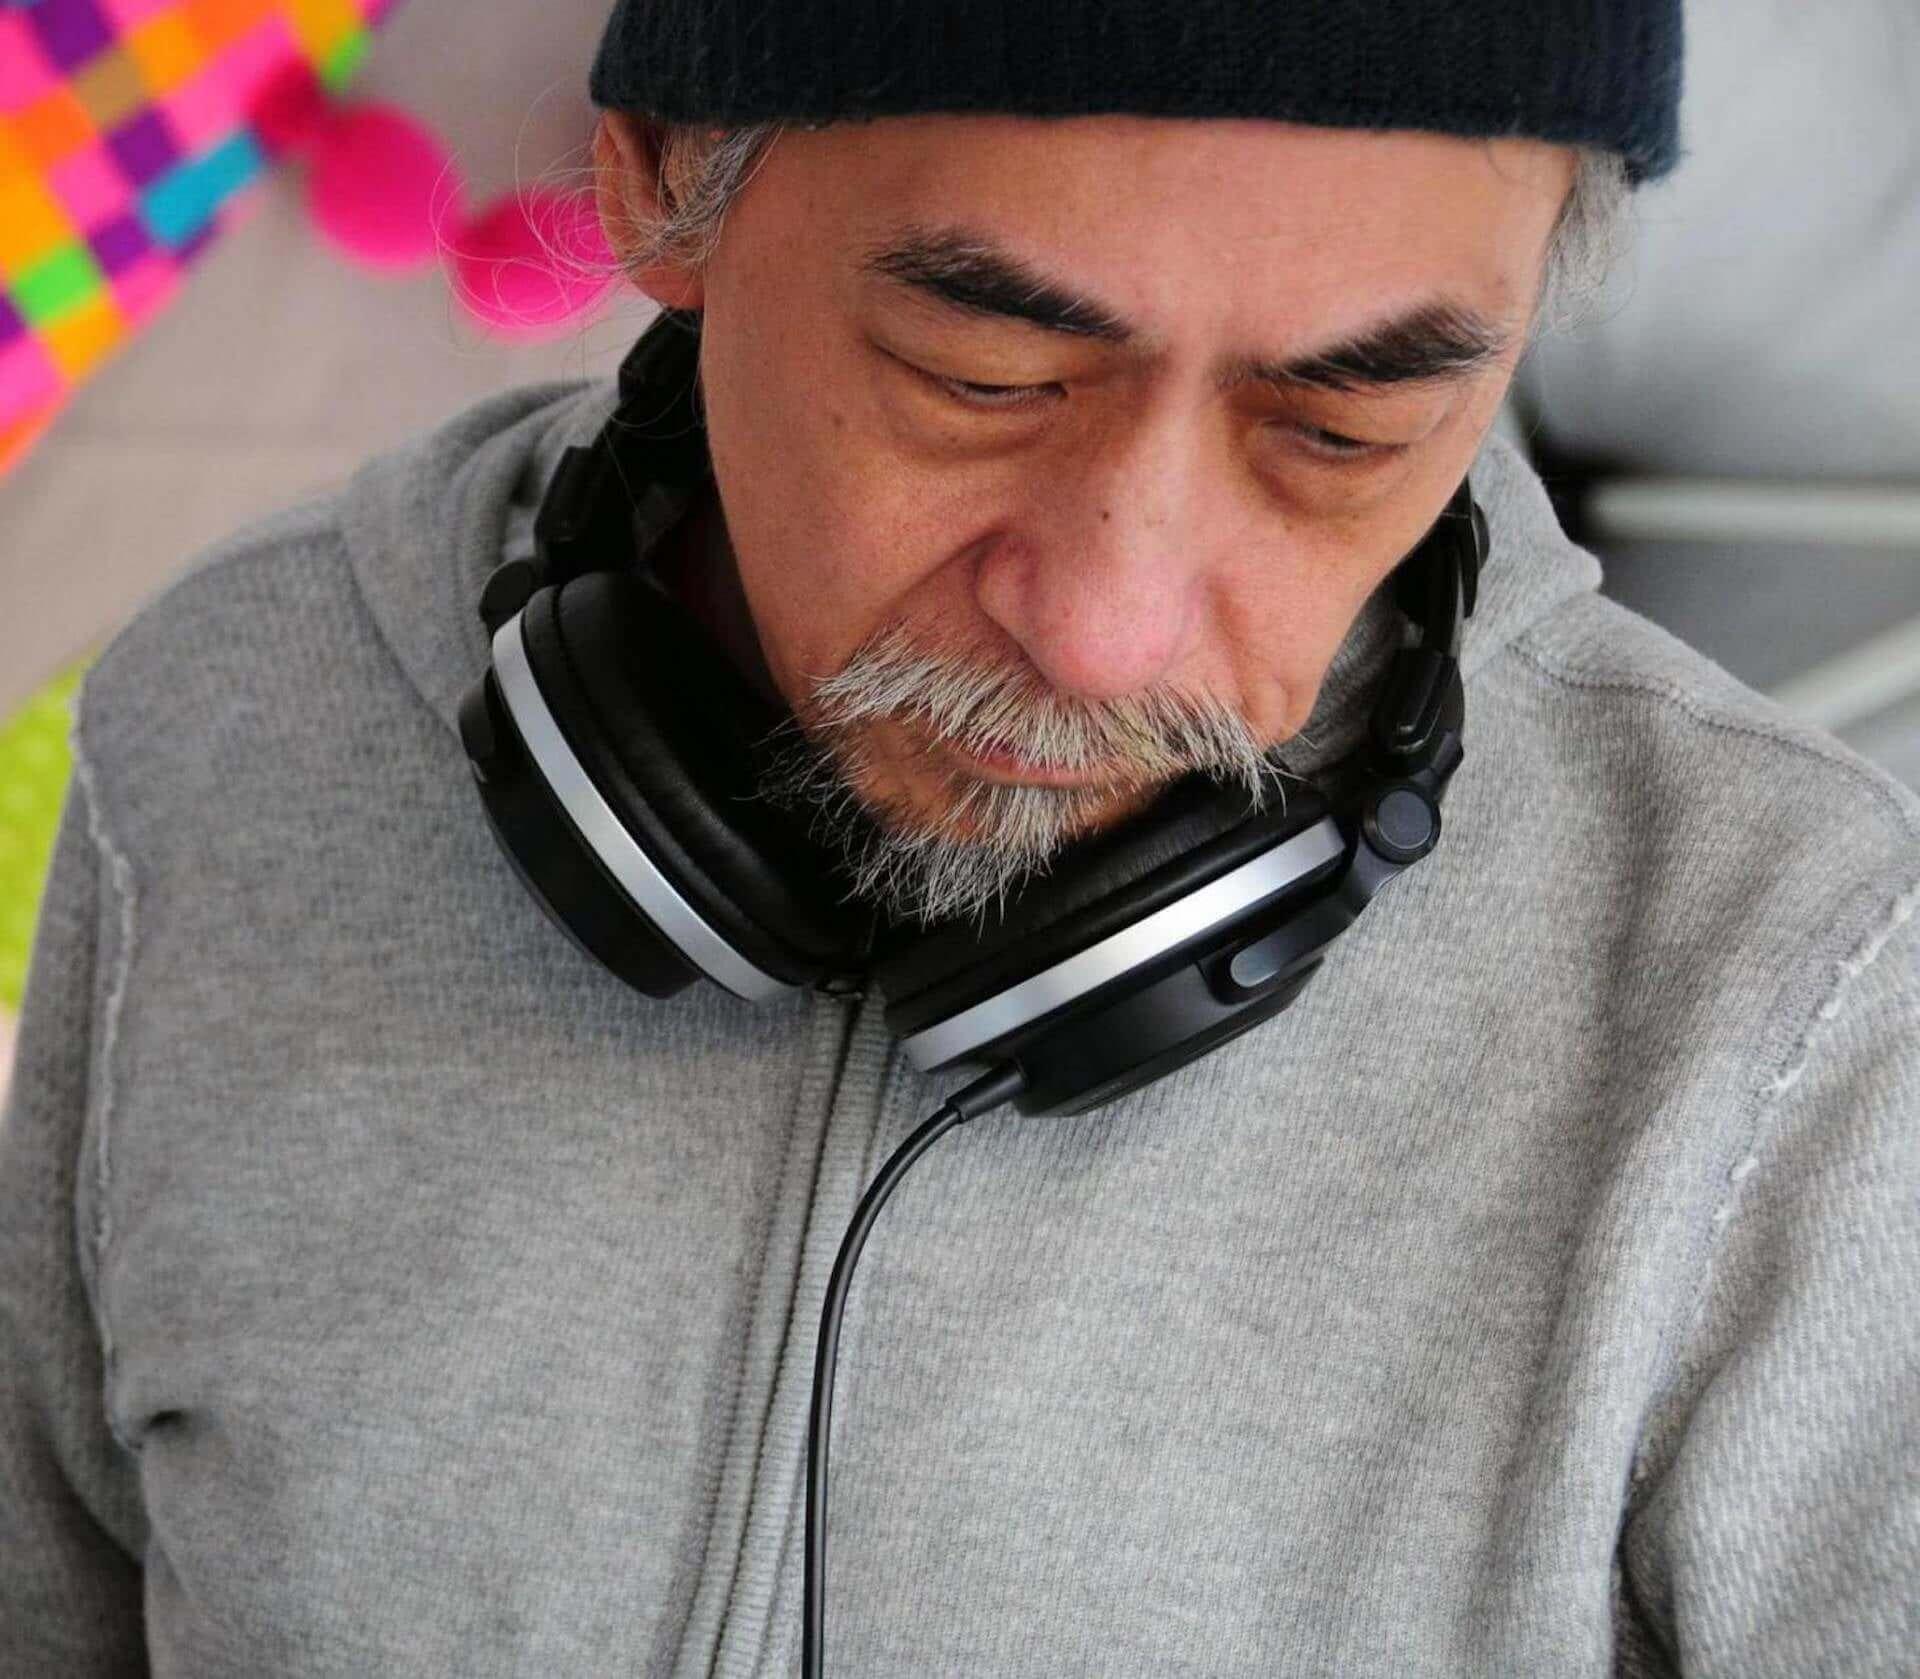 CIRCUS OSAKAのカウントダウンイベントにAOKI takamasa、Tomoki Tamura、DJ AGEISHIらが出演決定!Soichi Teradaのライブセットも music201221_circus-osaka_4-1920x1679